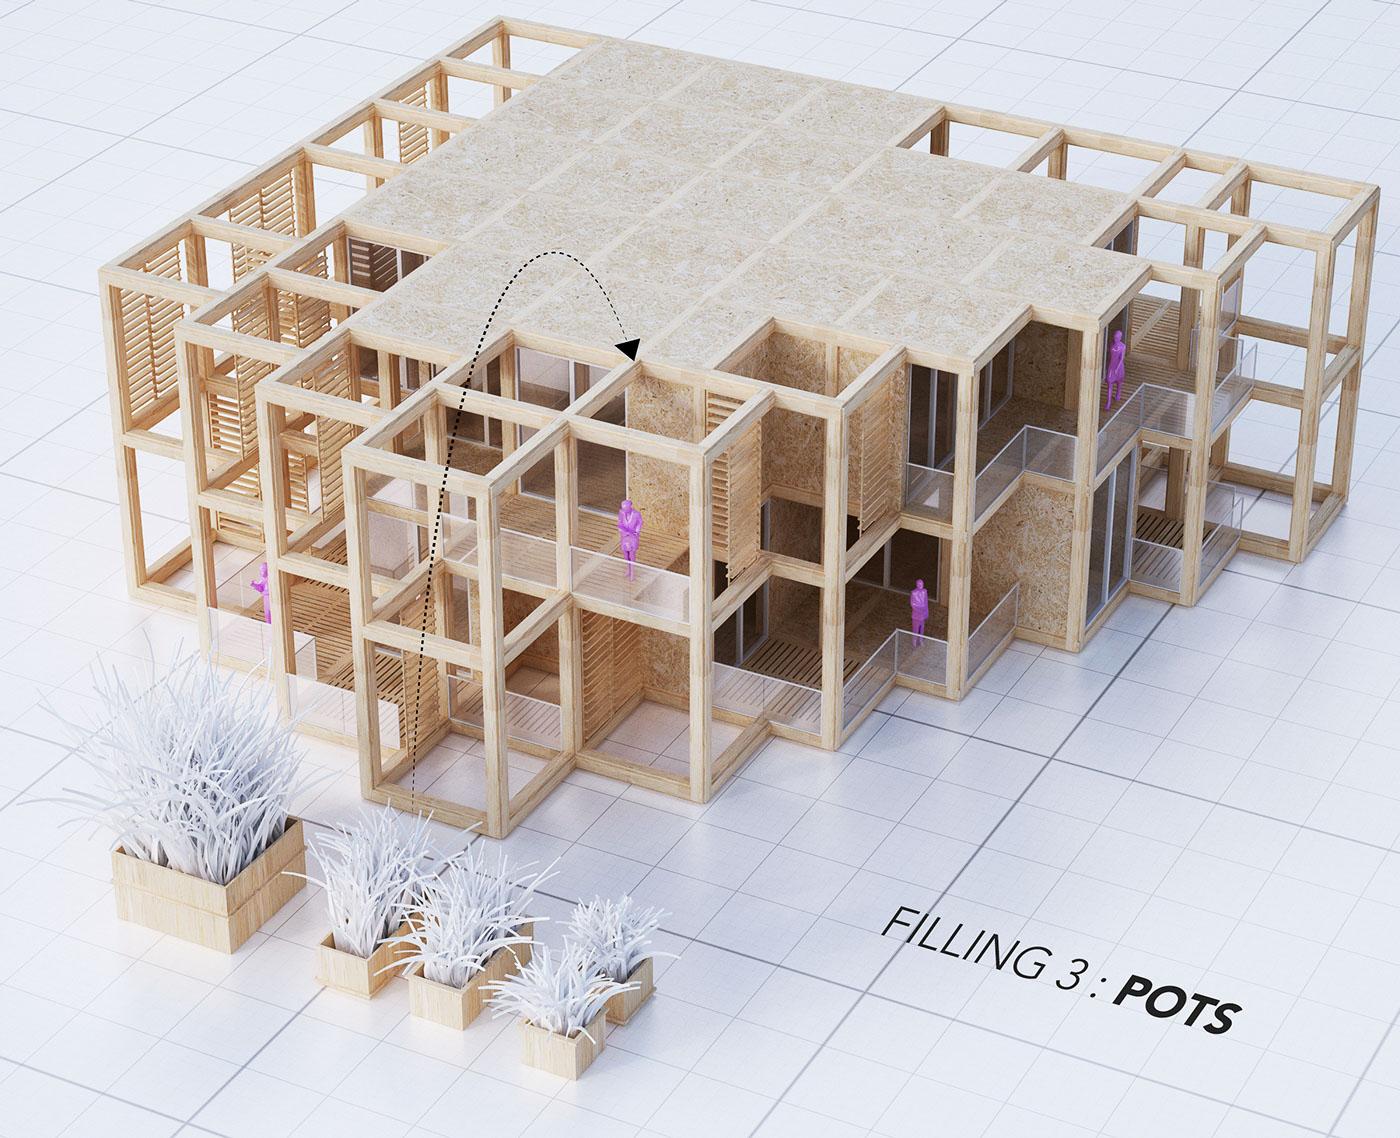 A modular system of a structural framework - pots